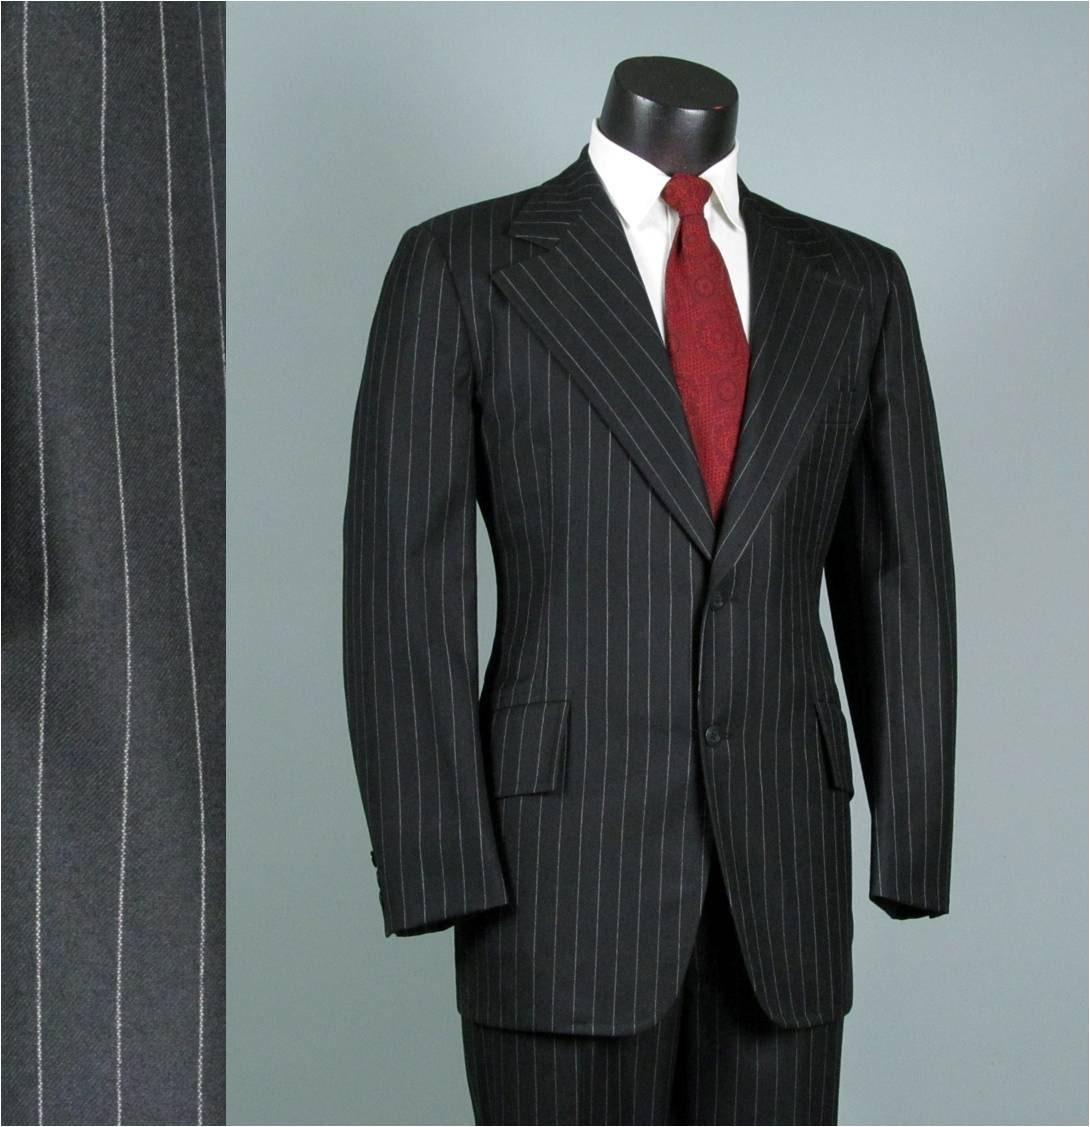 ... 1960s Mens Fashion Suits , 1970s Mens Suits , 1960s Mens Colorful